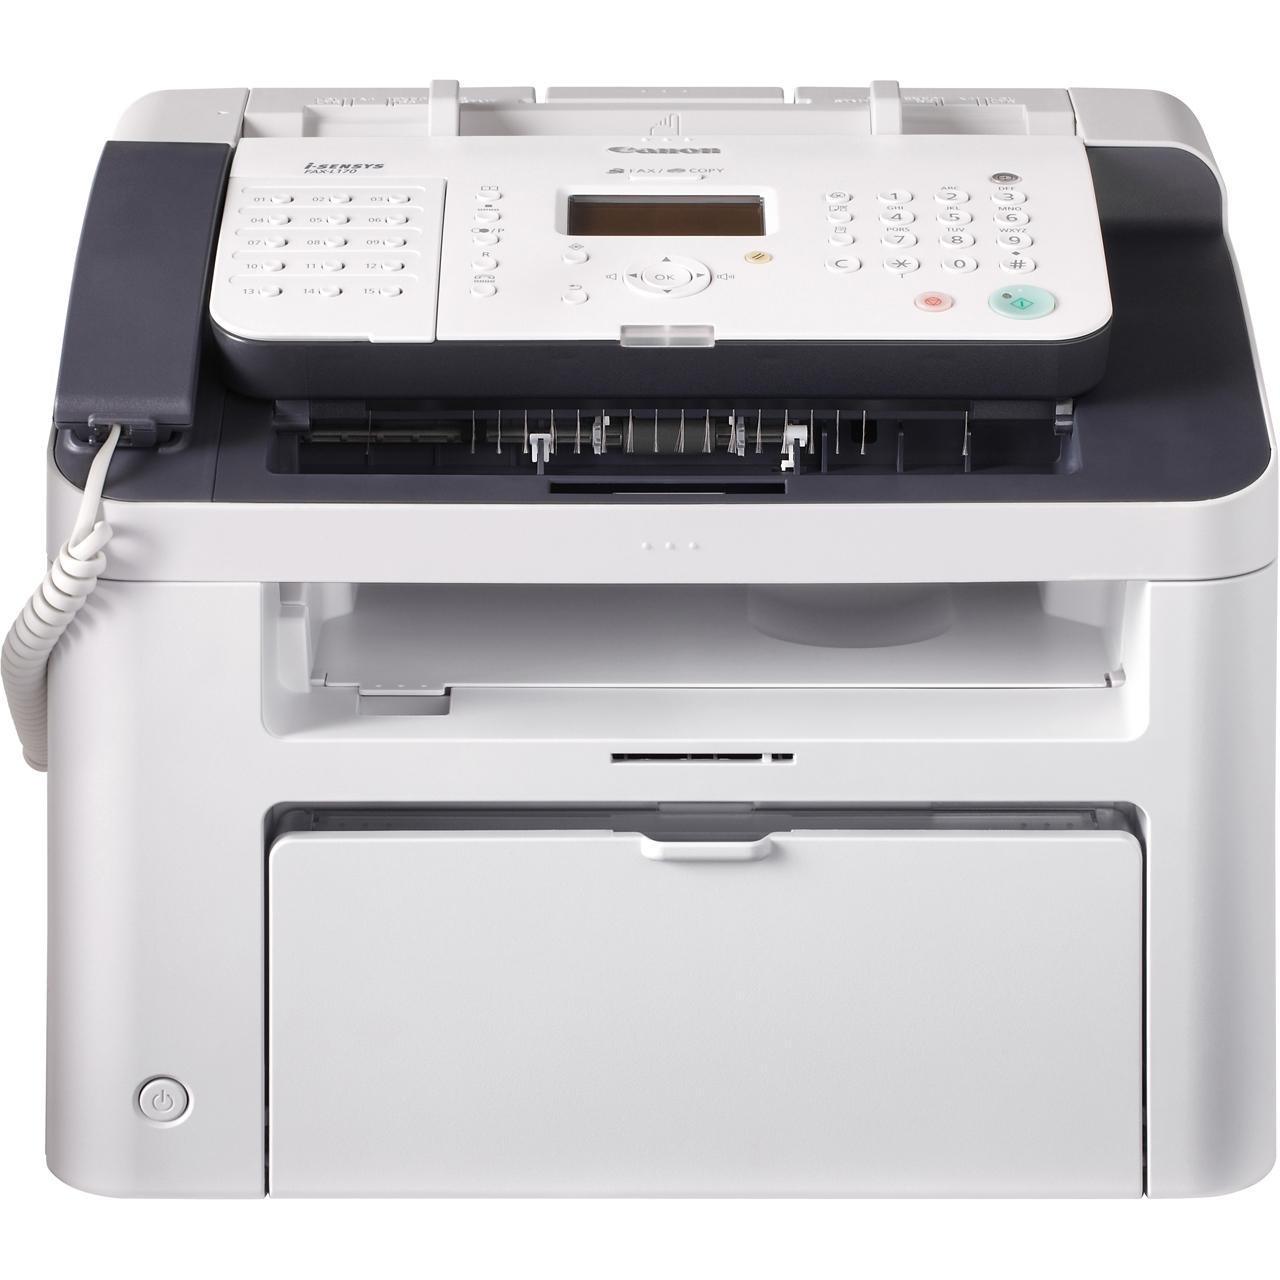 Canon i-SENSYS FAX-L170 Laser-Multifunktionsfax s/w 5258B056(A4, 3-in1, Drucker, Kopierer, Fax, USB, ADF)